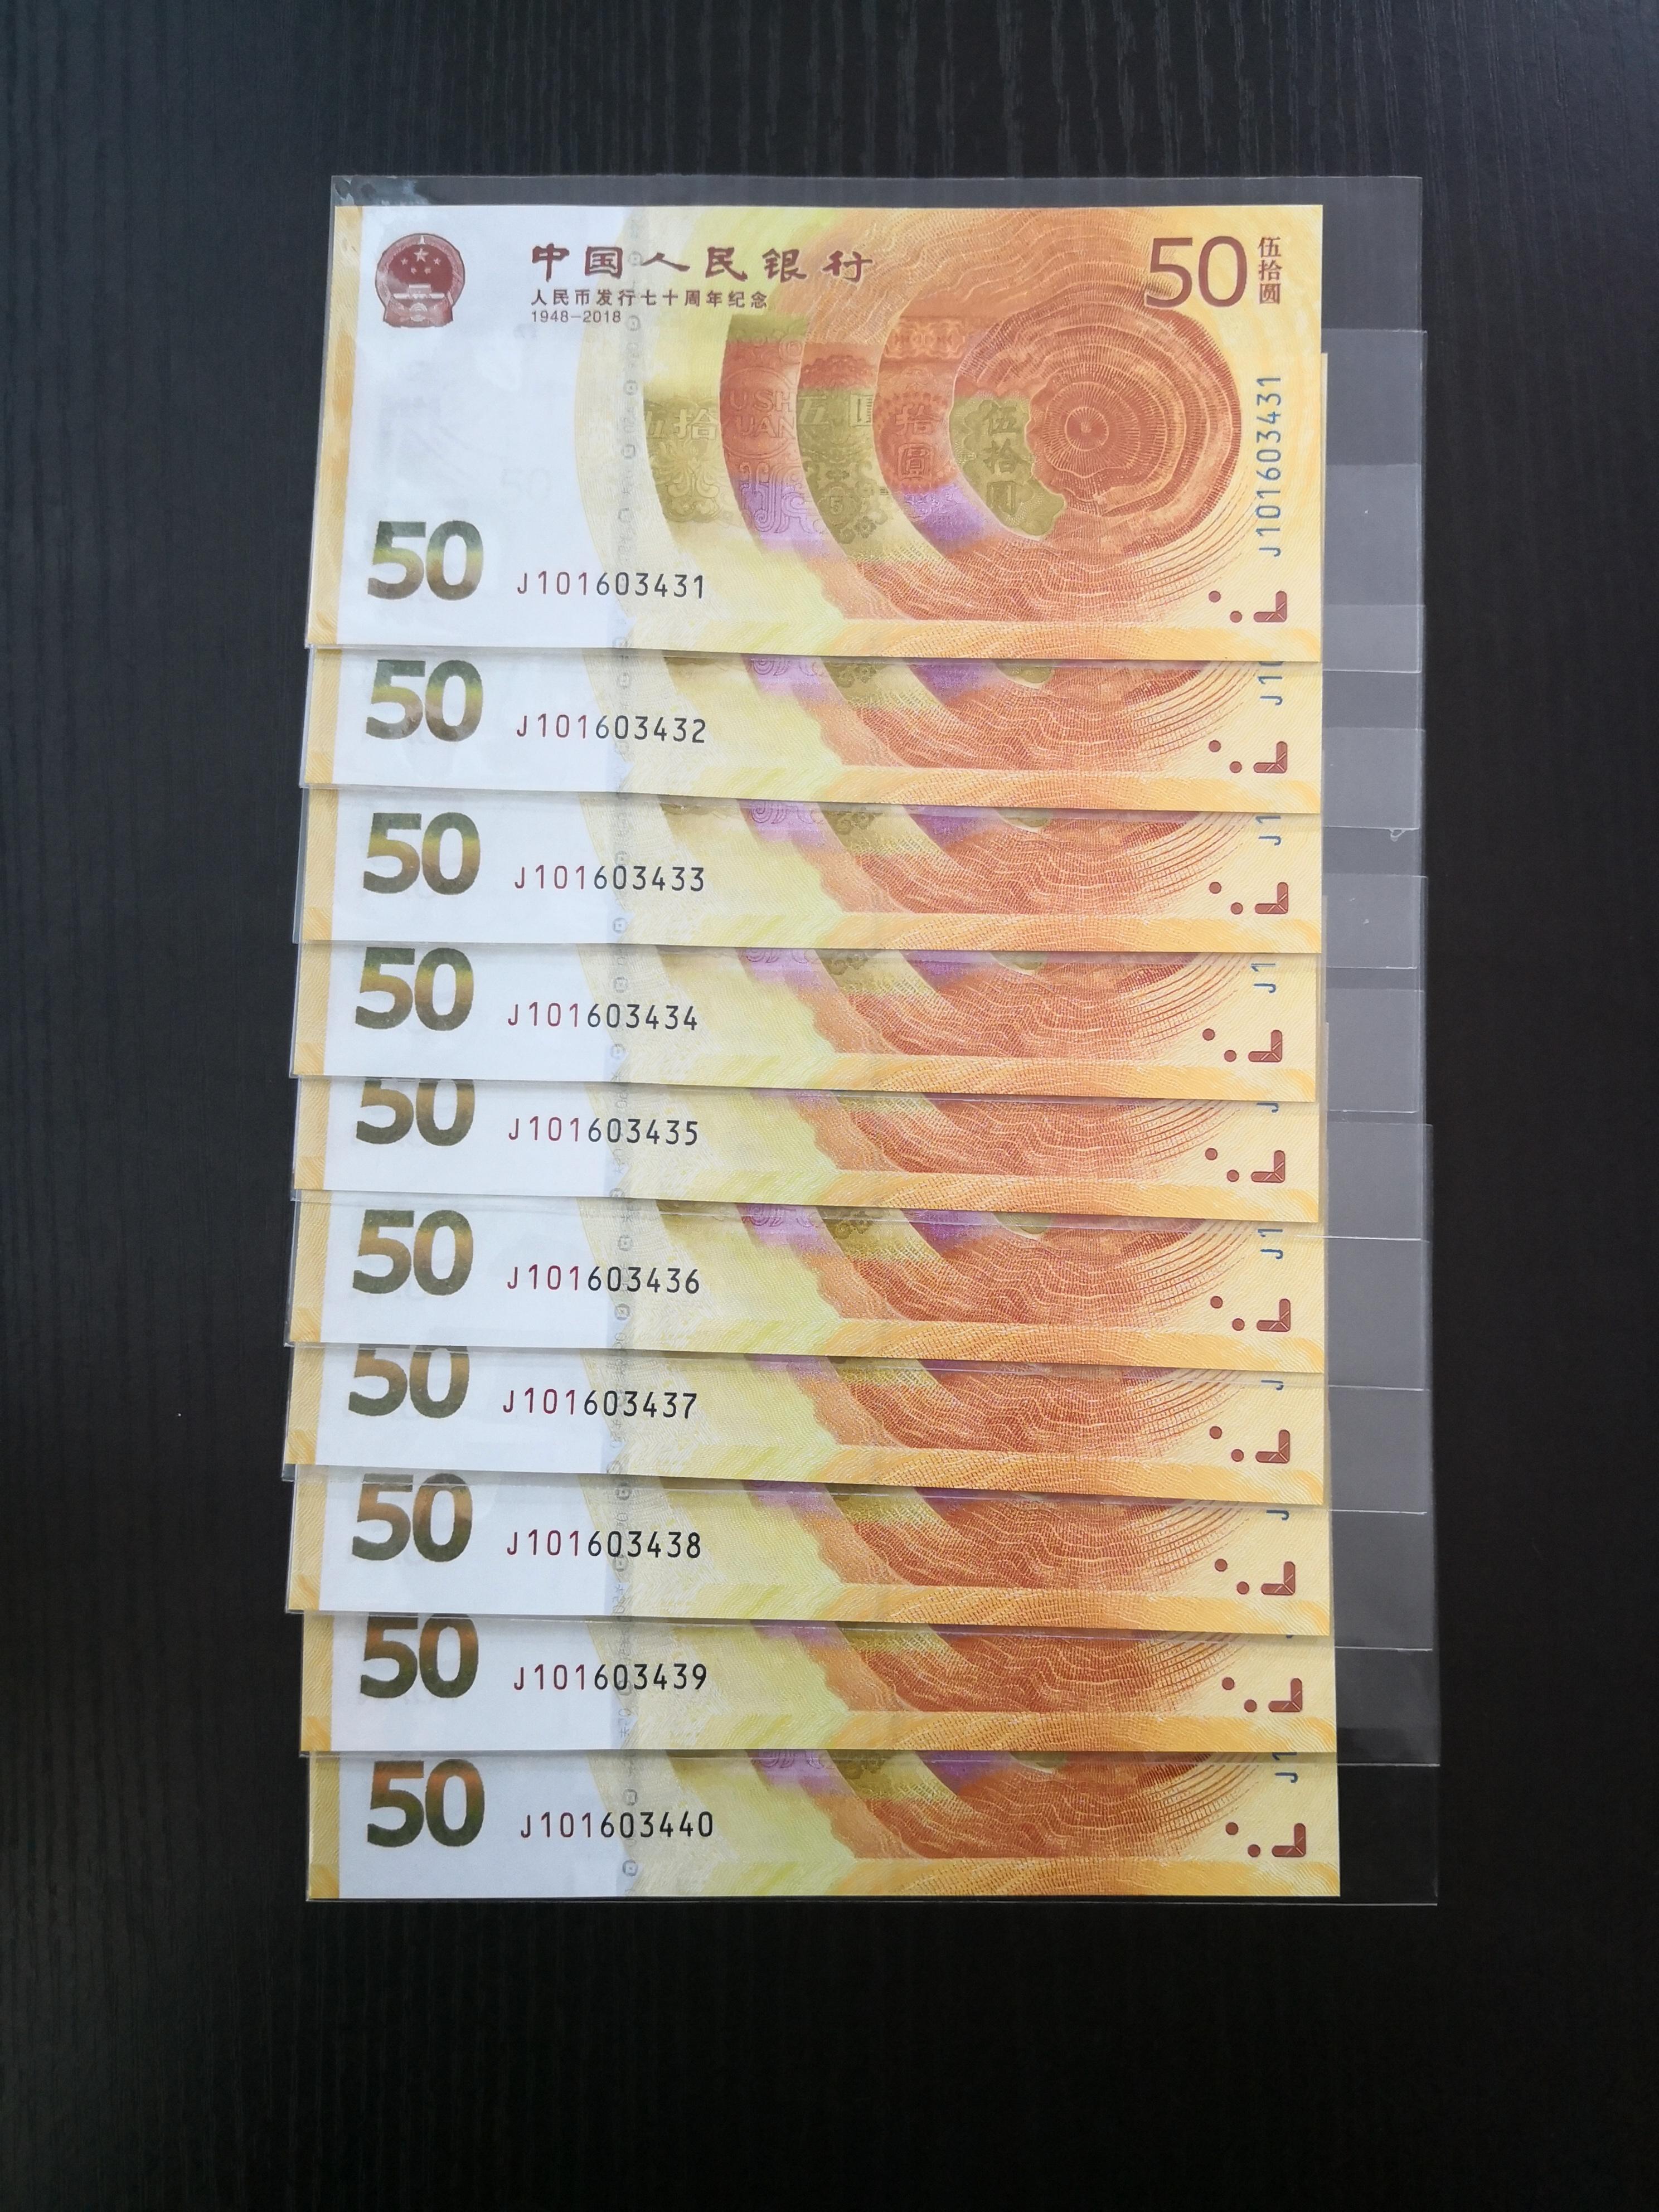 70周年纪念钞全新带保护膜,标